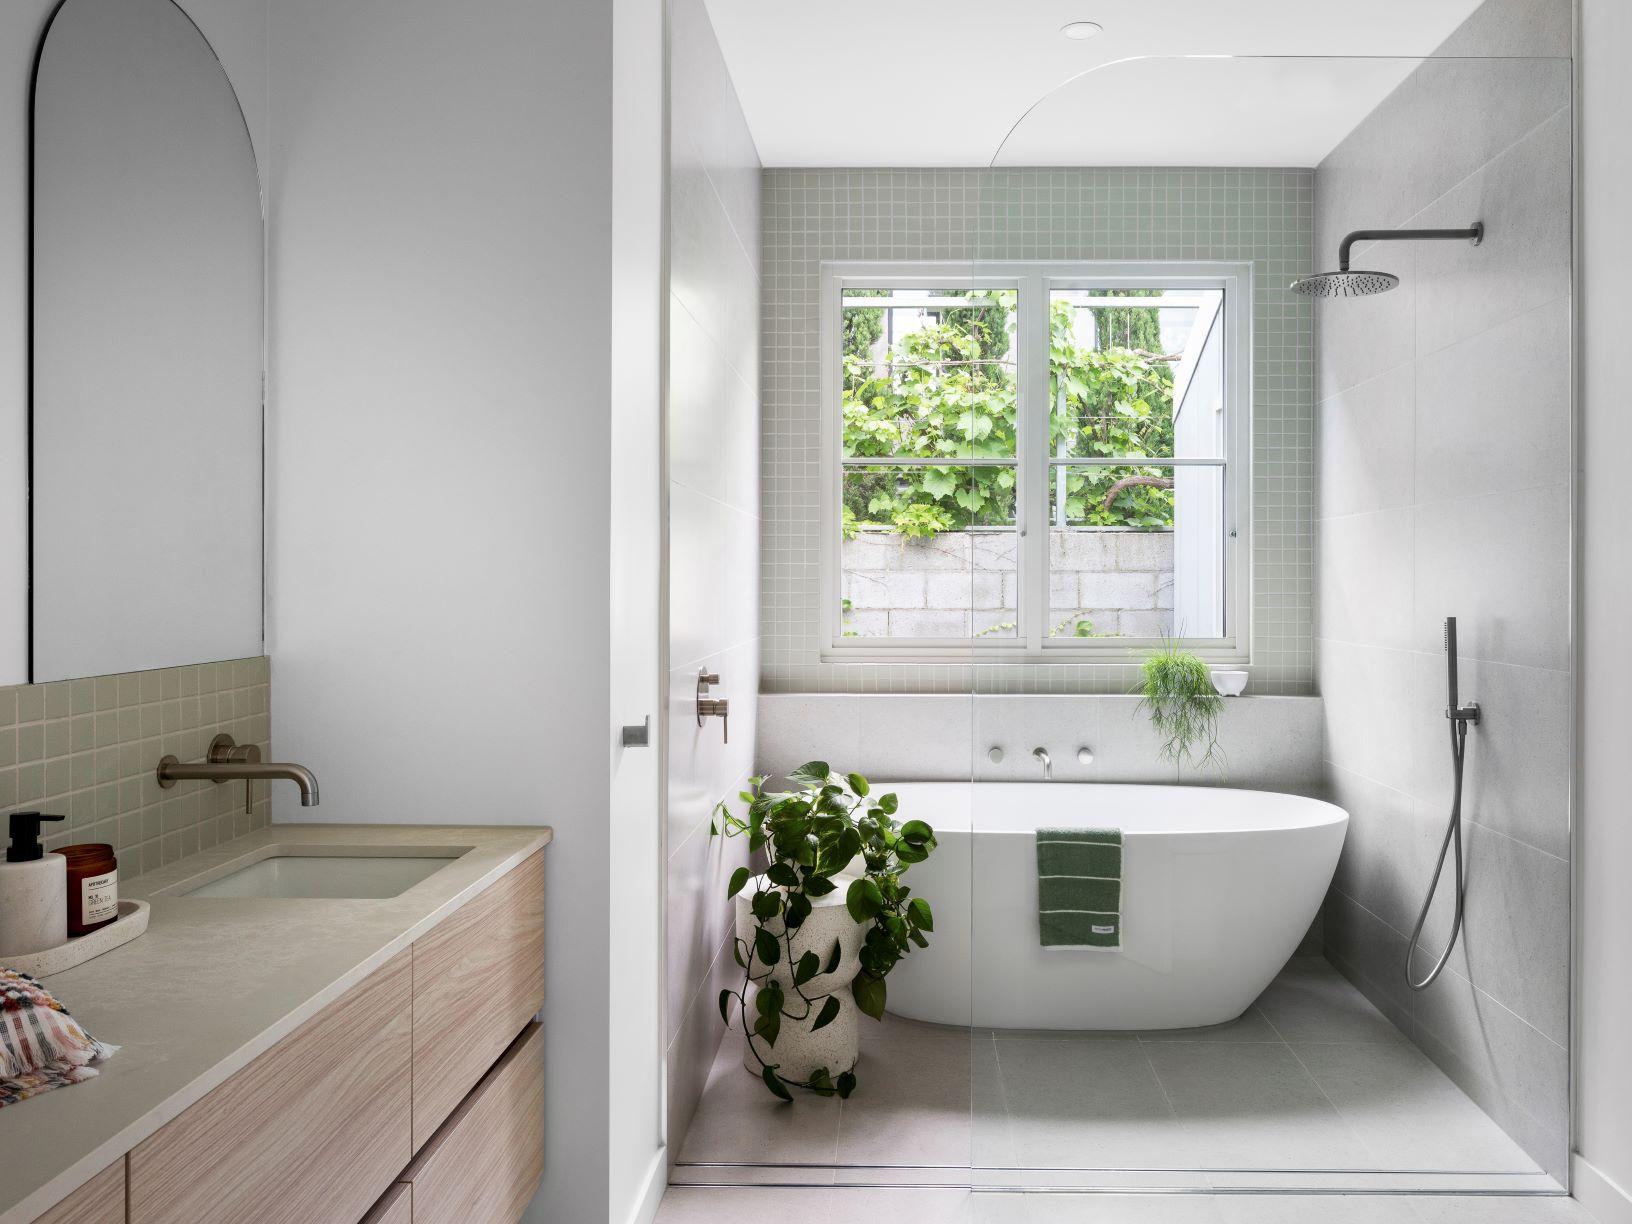 Robert Street Project - Modern House - Bathroom